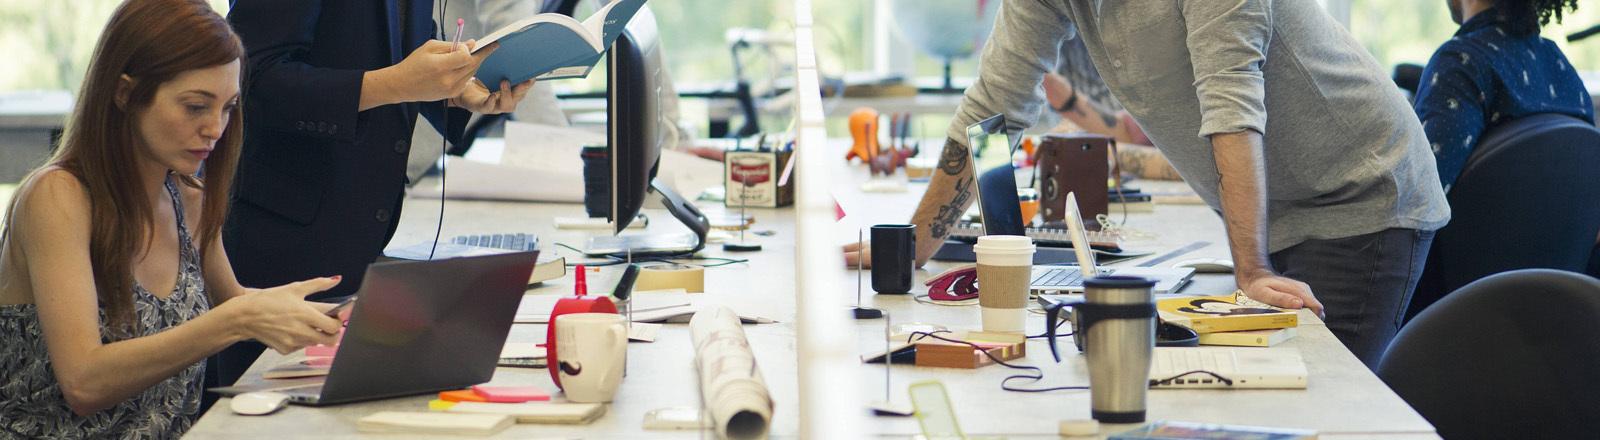 Bürogemeinschaft mit Menschen, die an einem langen Tisch sitzen und arbeiten.